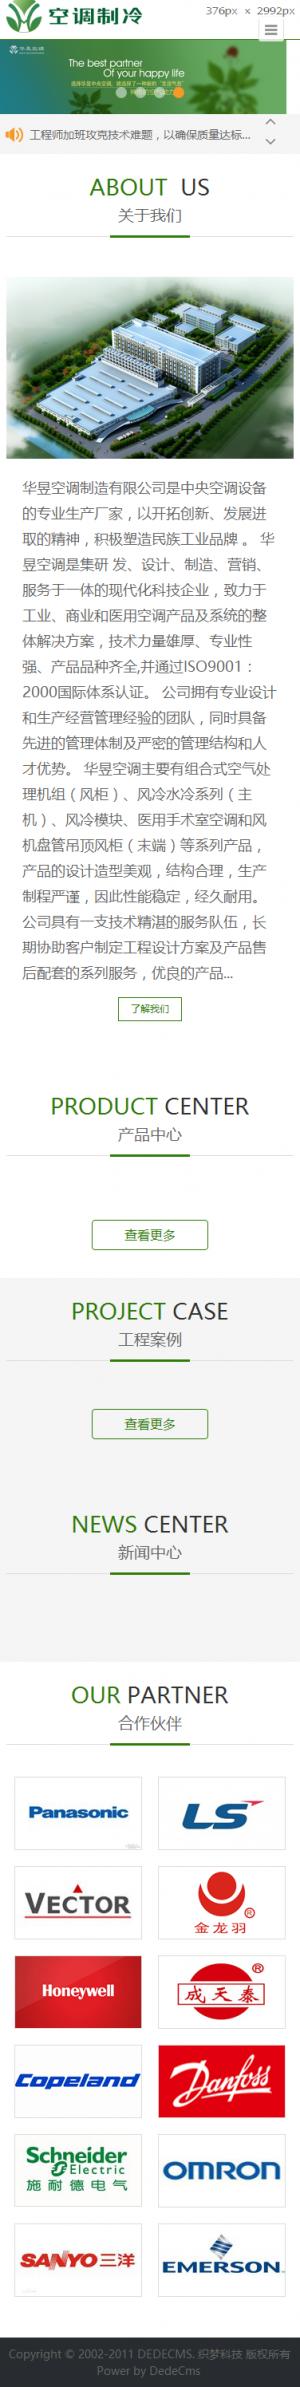 响应式空调制冷设备类网站织梦模板(带手机端)手机端演示